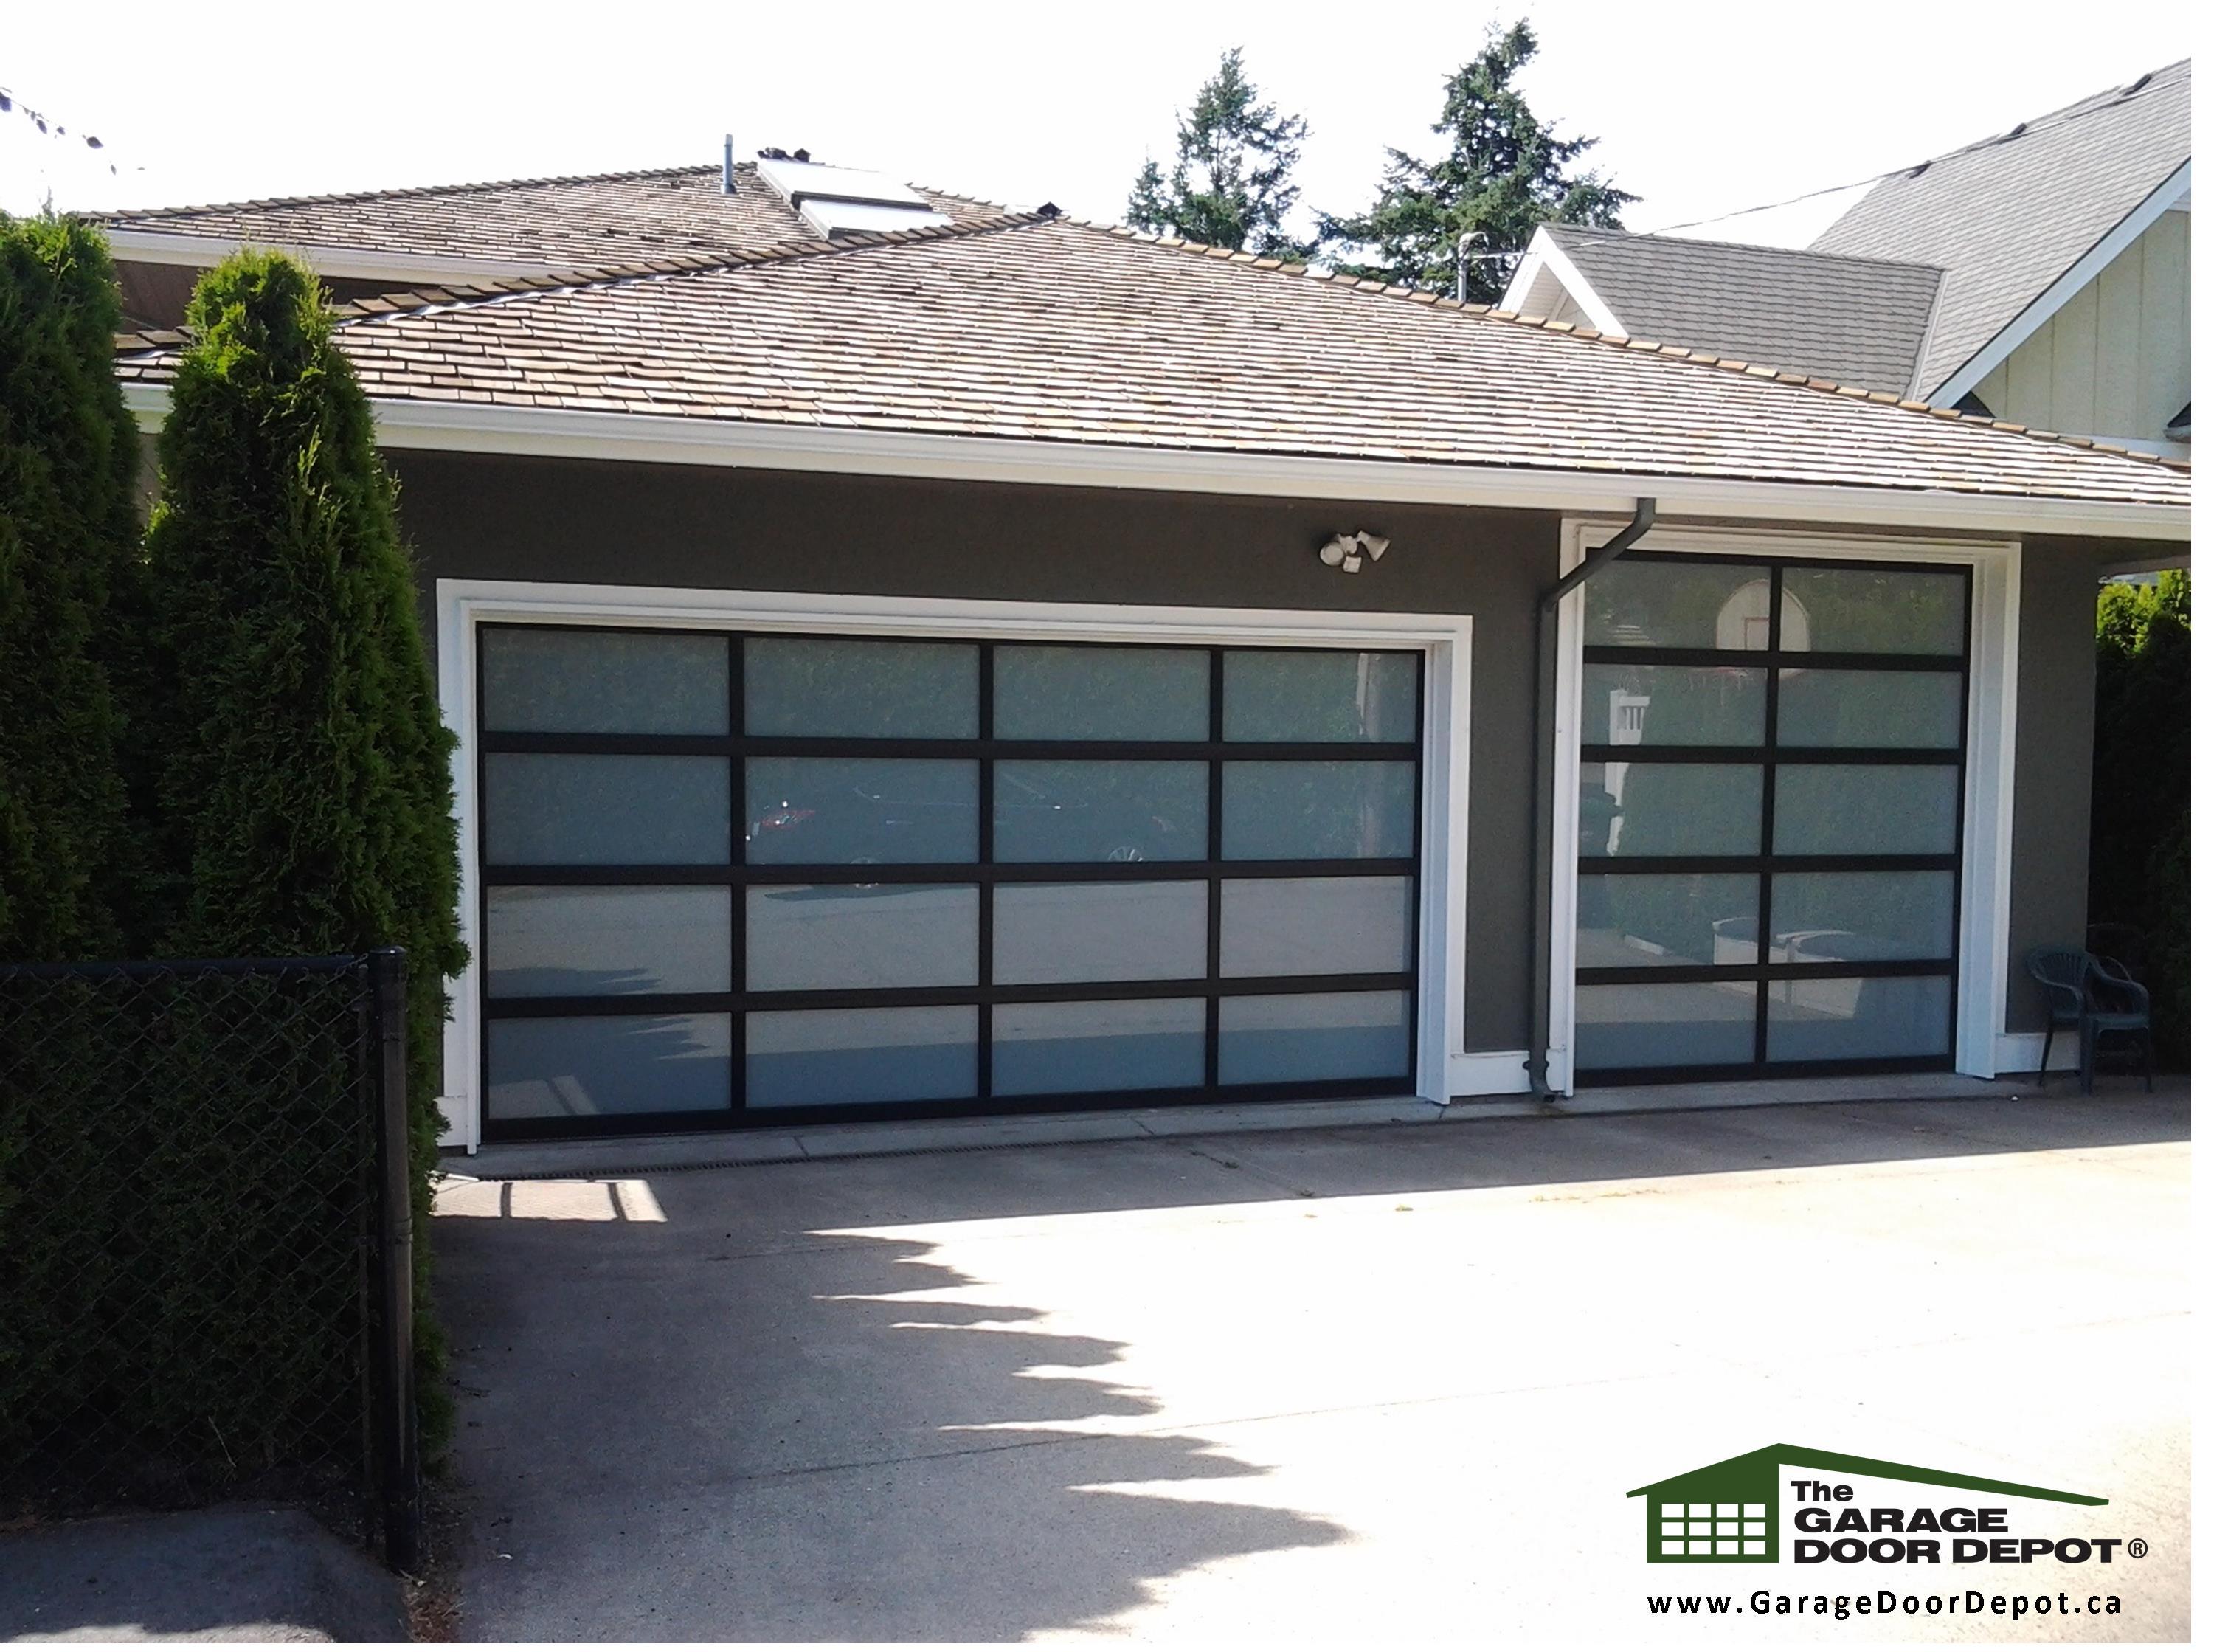 & The Garage Door Depot - Richmondu0027s #1 Garage Door Company pezcame.com